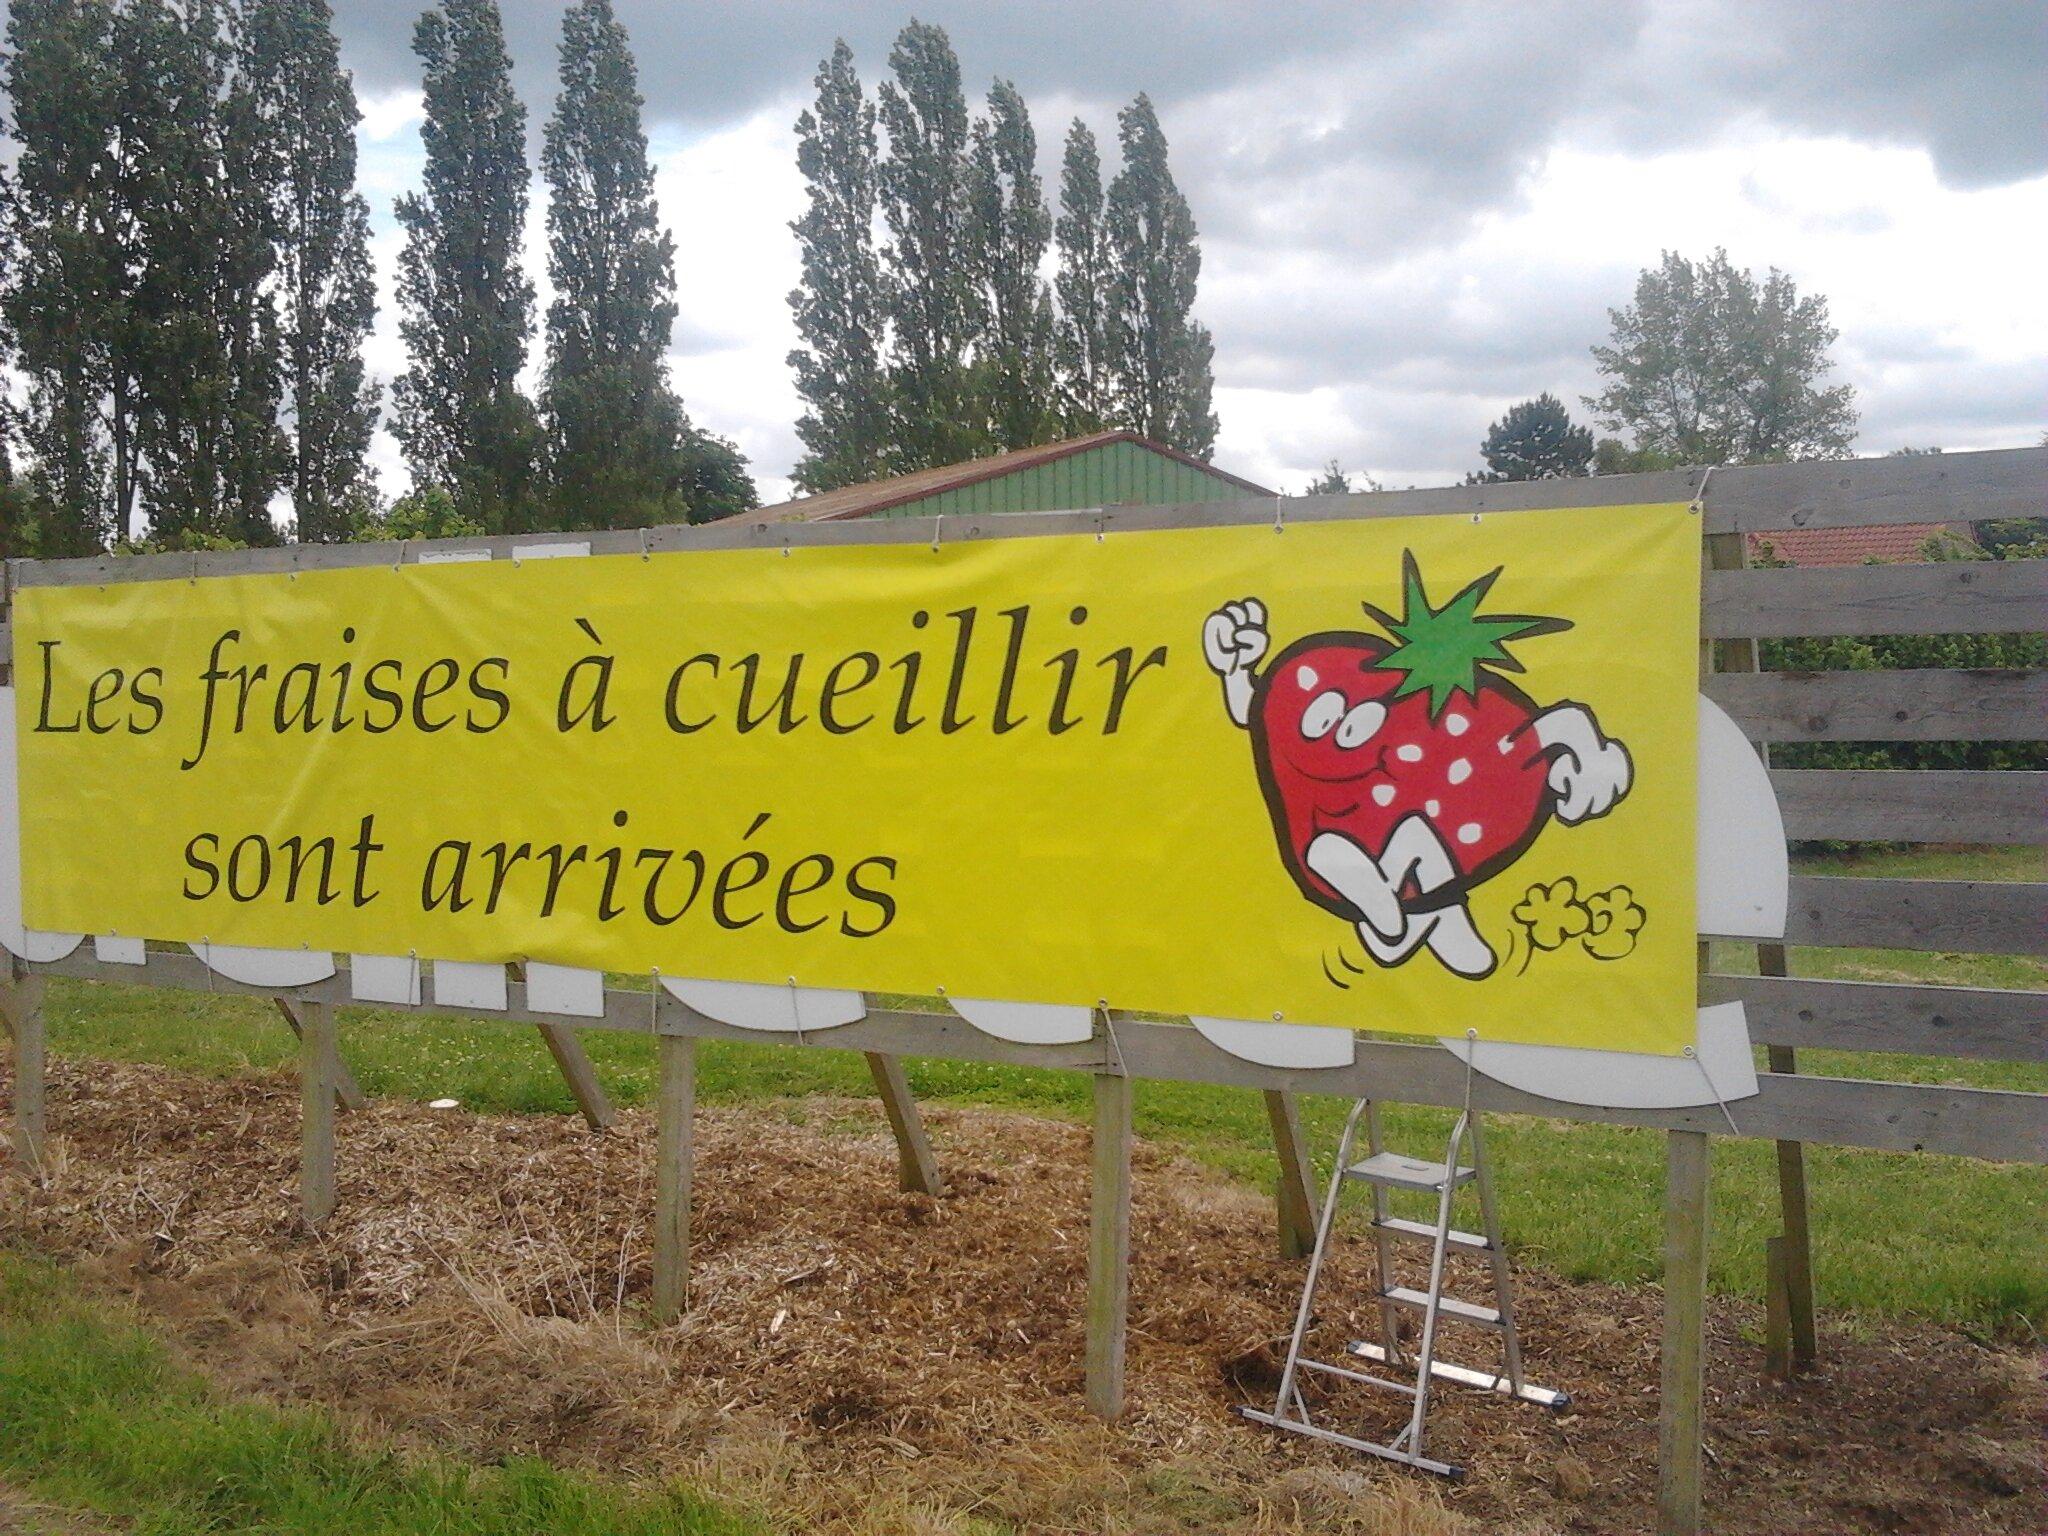 La cueillette gourmande ouvre pour la cueillette des fraises en ce debut juin avelin 500 - Comment cueillir des fraises ...